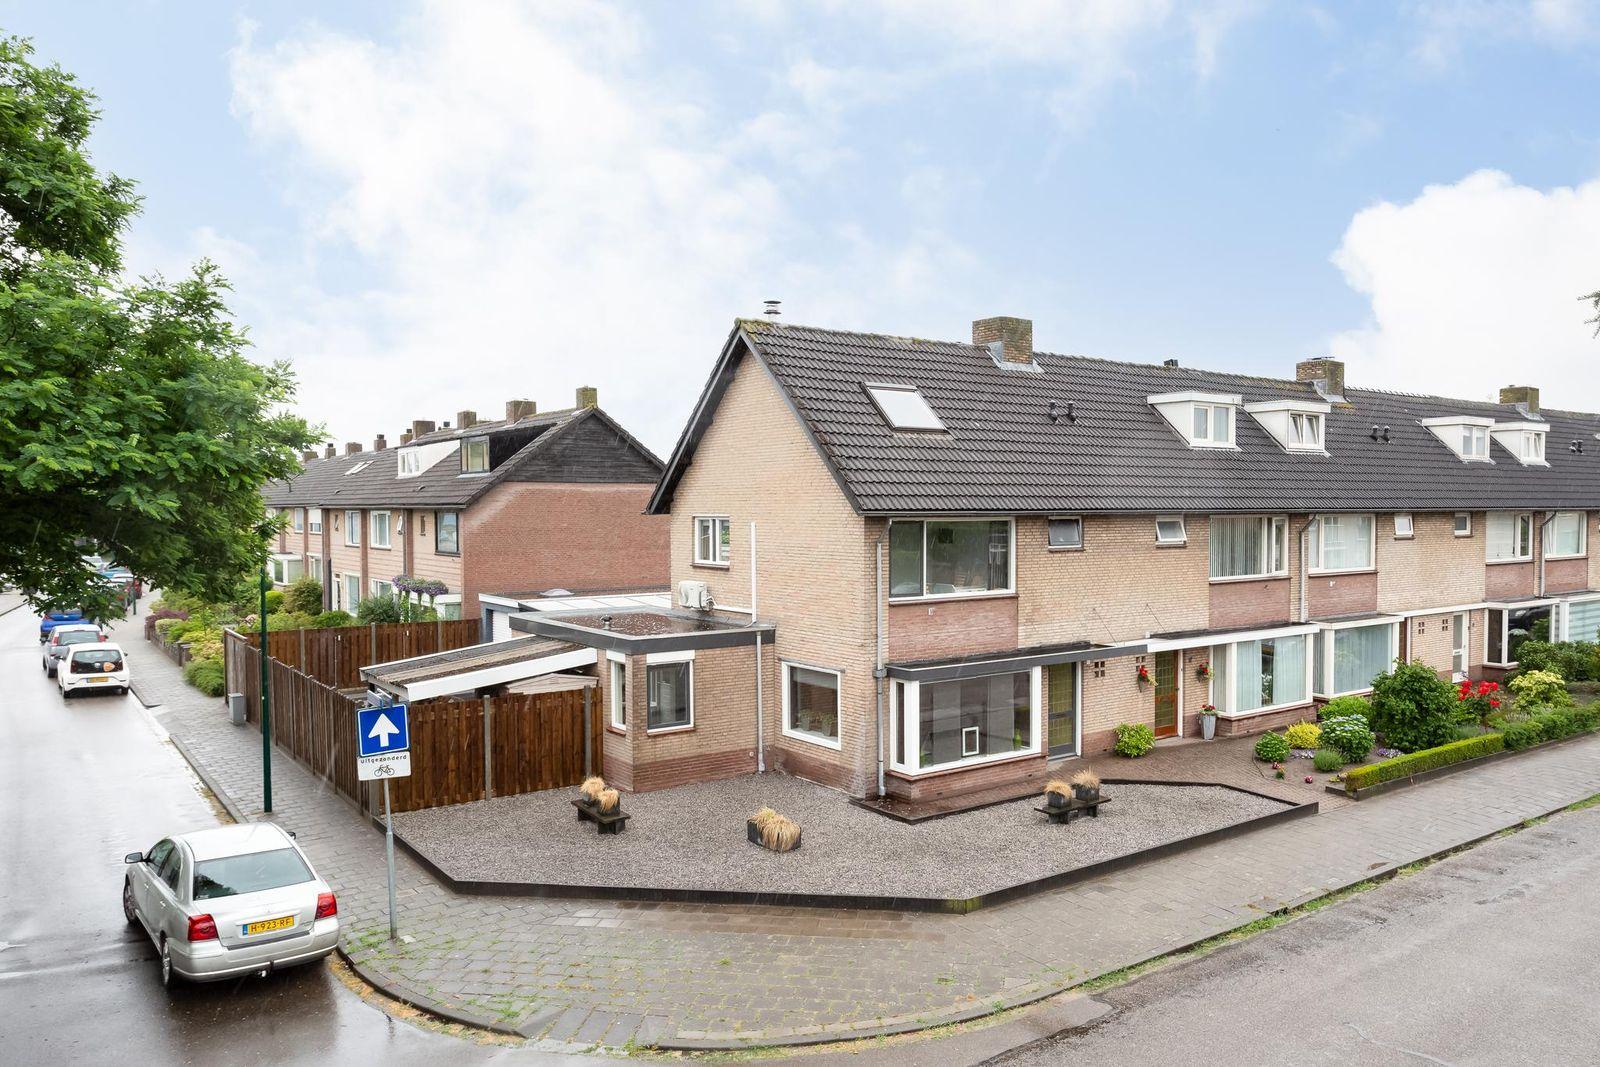 Beethovenstraat 15, Dongen